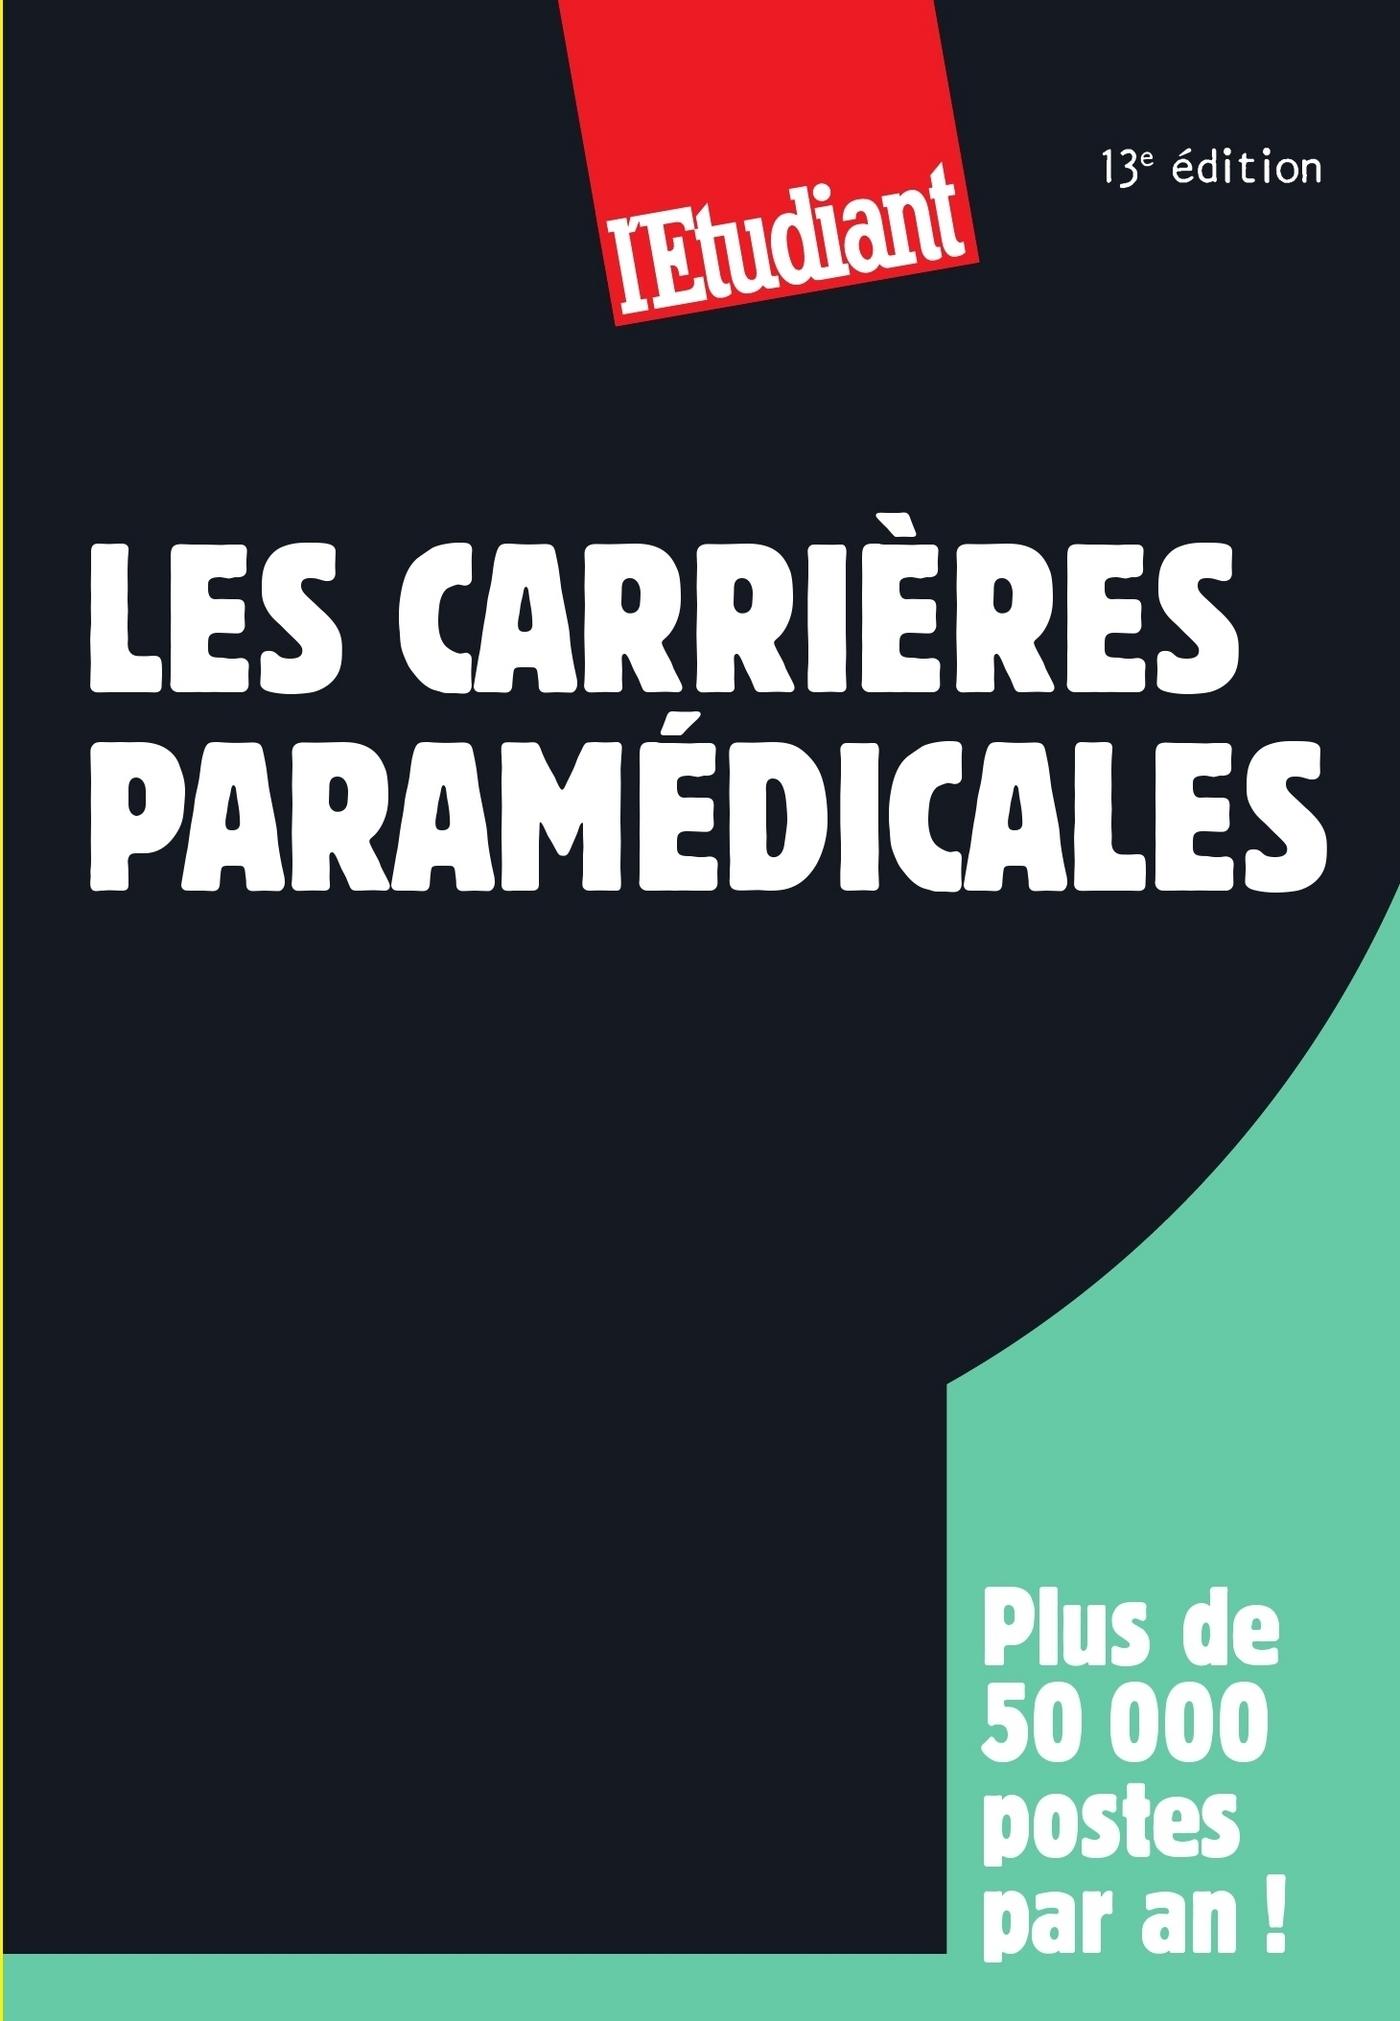 Les carrières paramédicales (ebook)